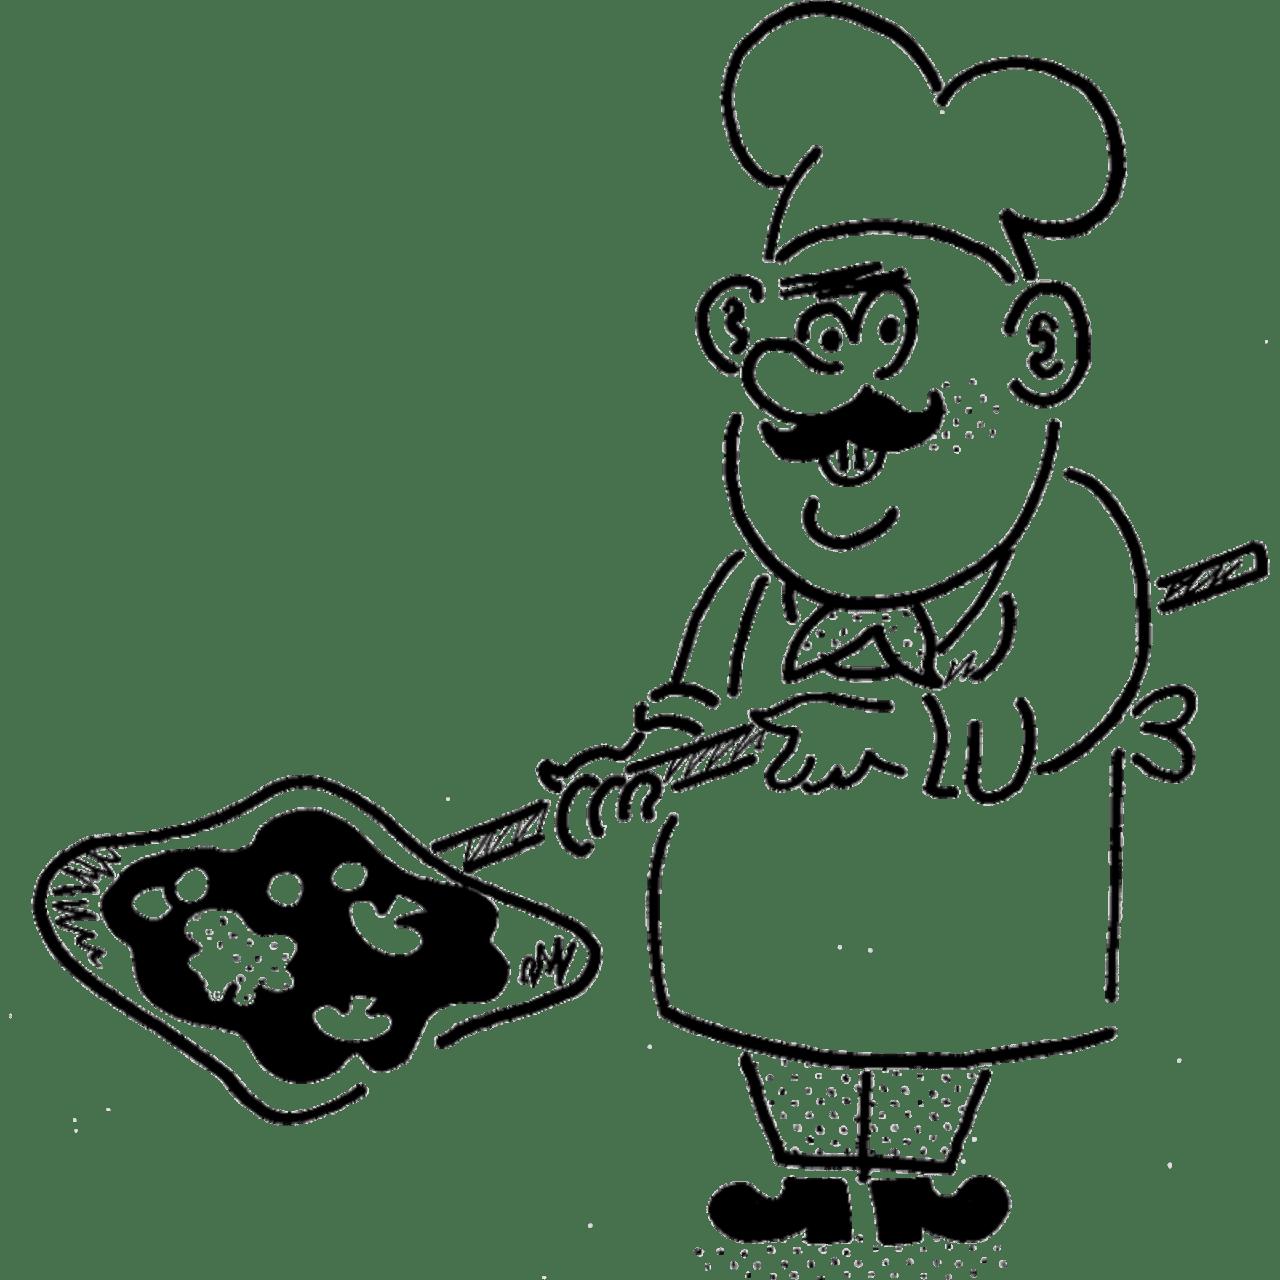 Pizza baker illustration